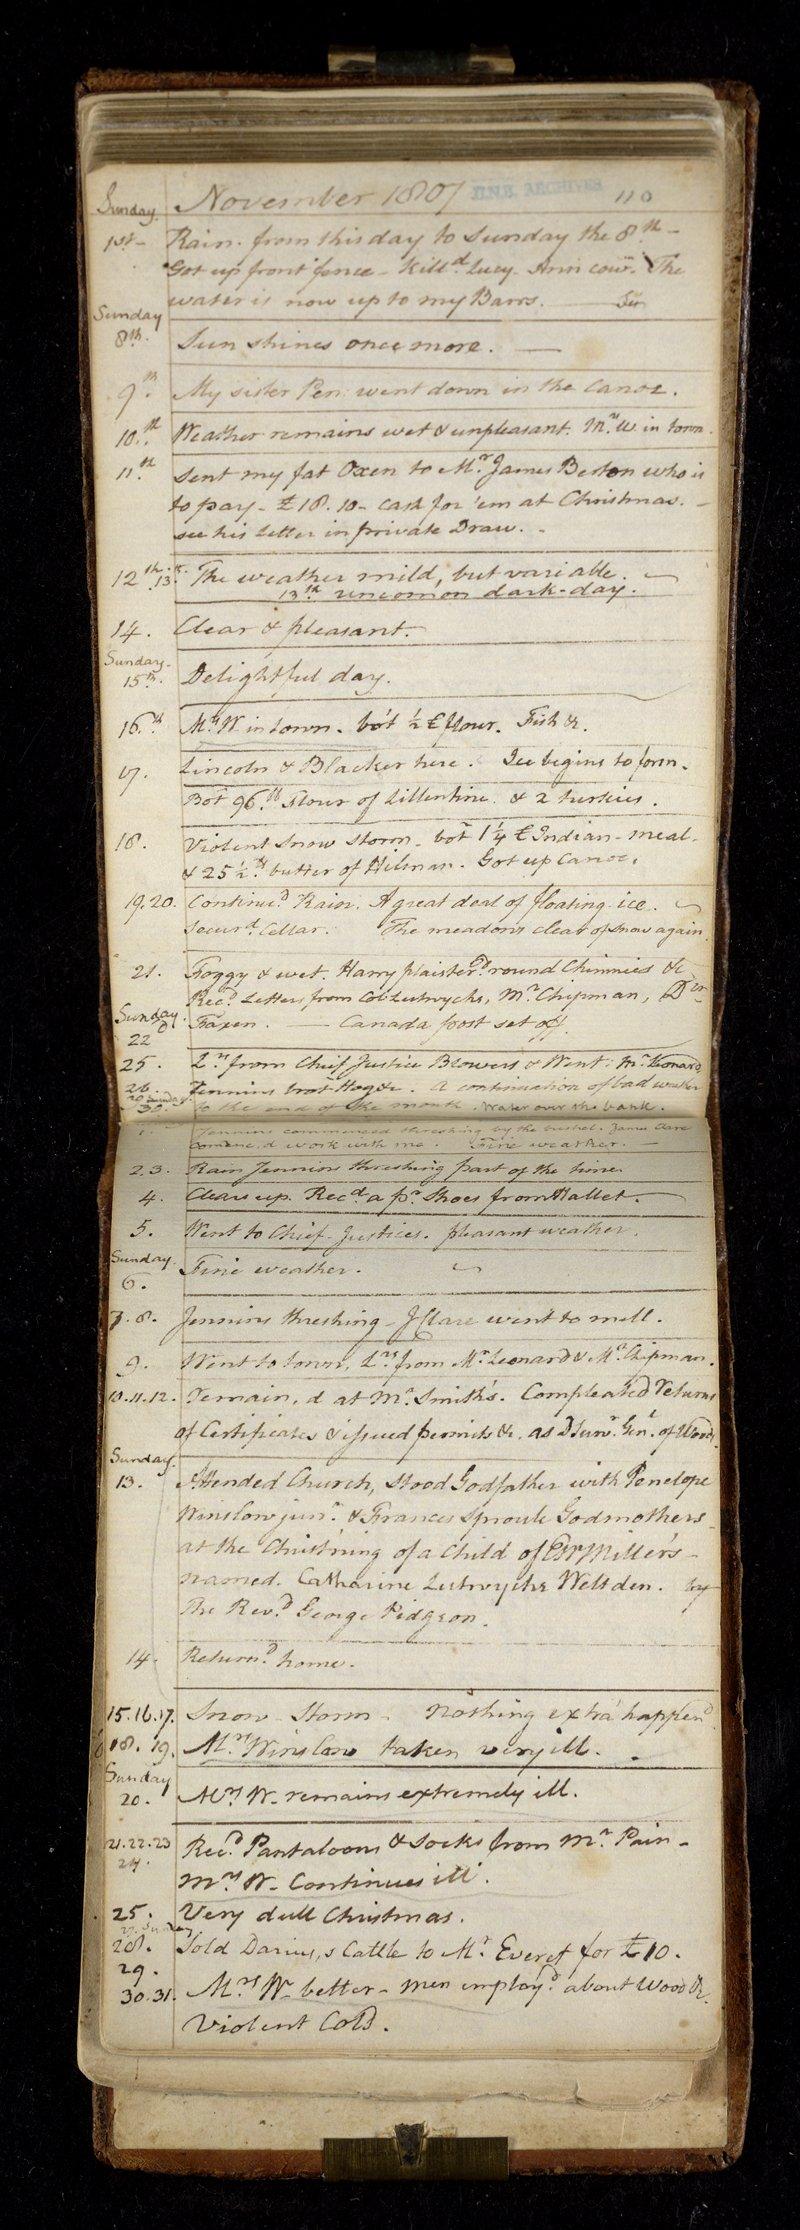 Winslow diary